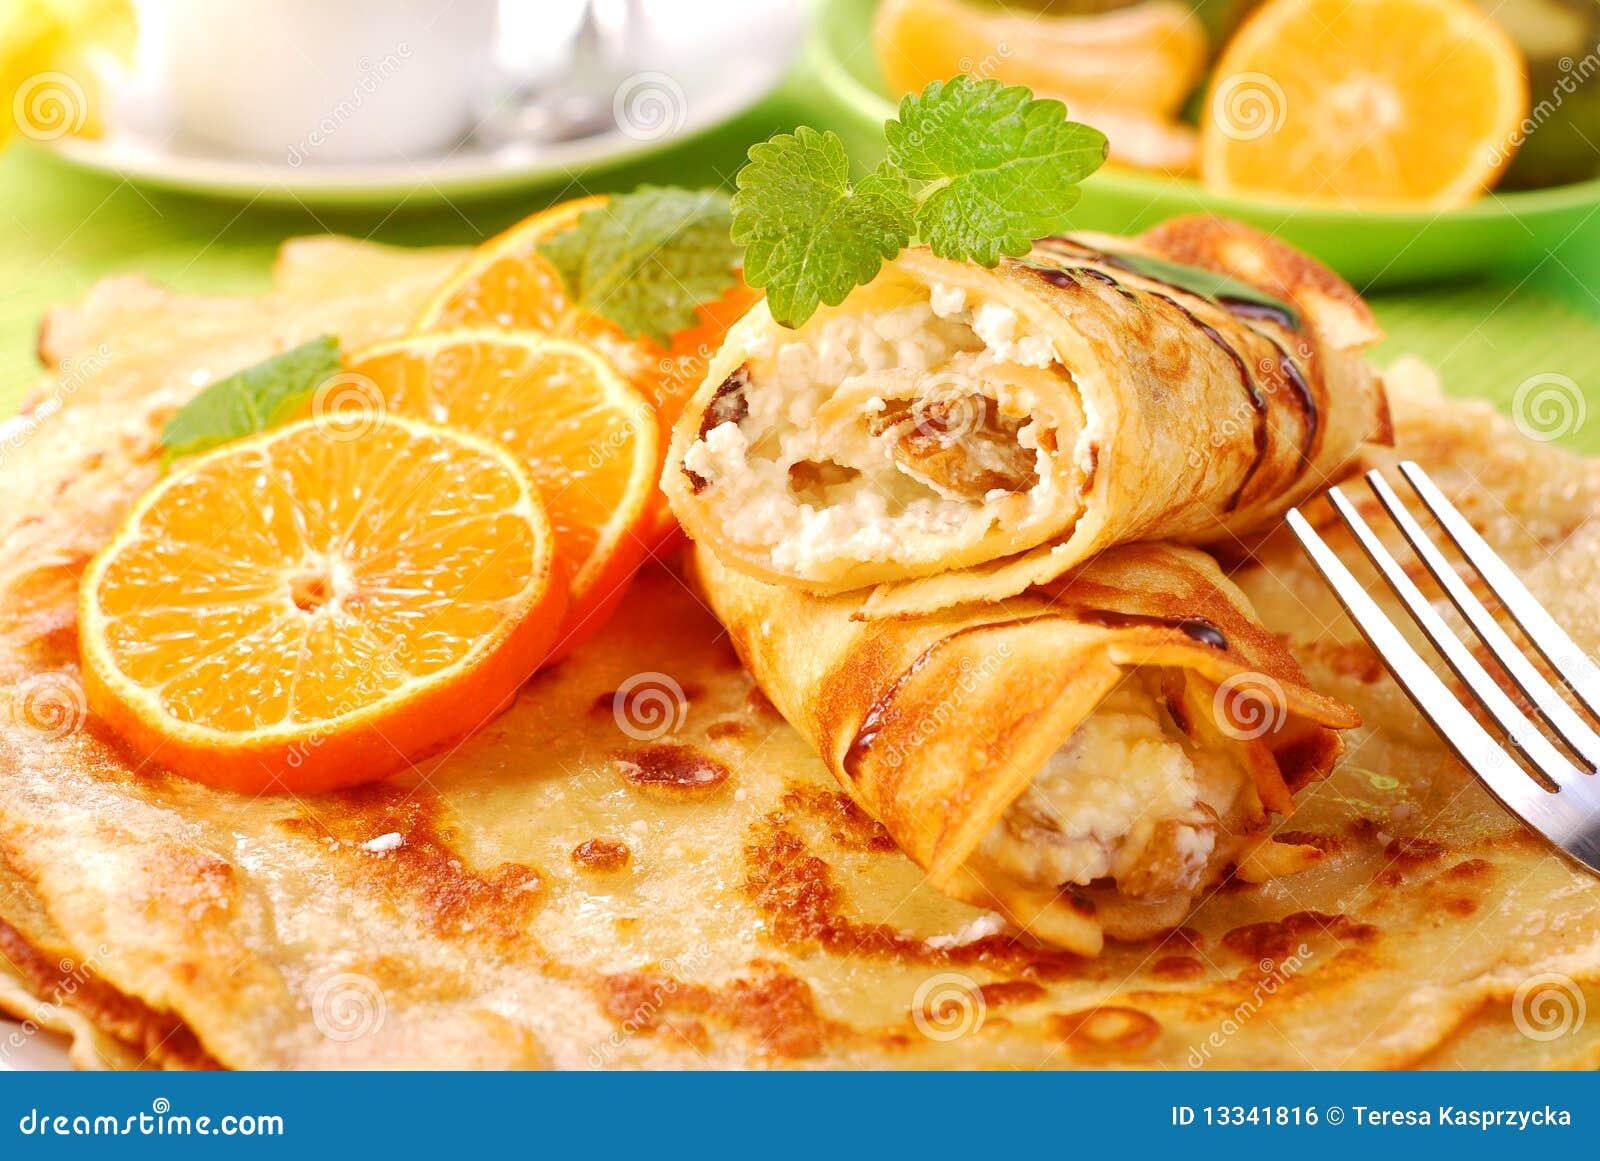 Serowi chałupy pomarańcze bliny